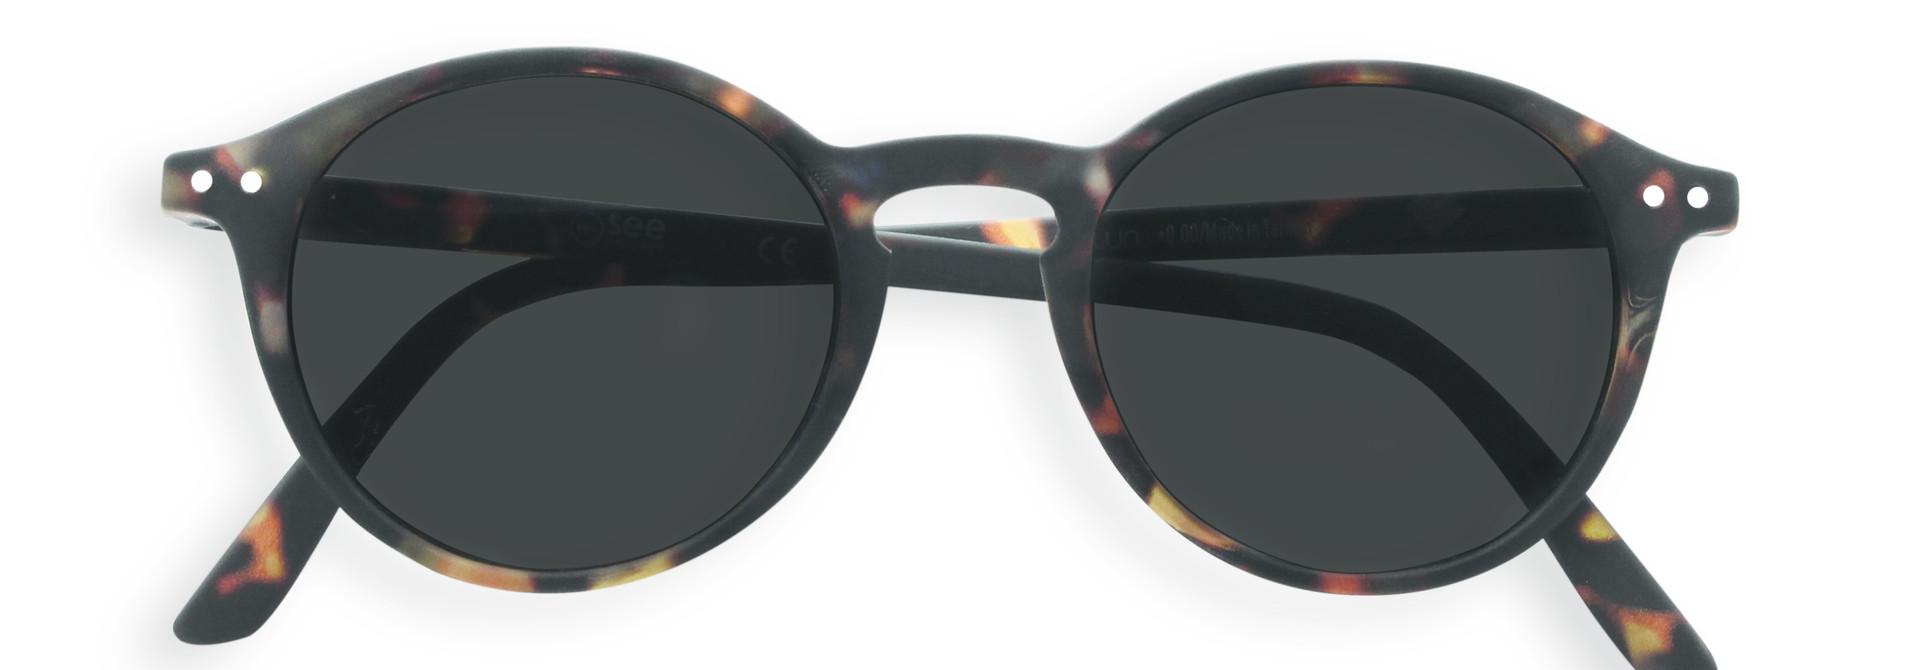 Izipizi Sun leesbril model D Tortoise